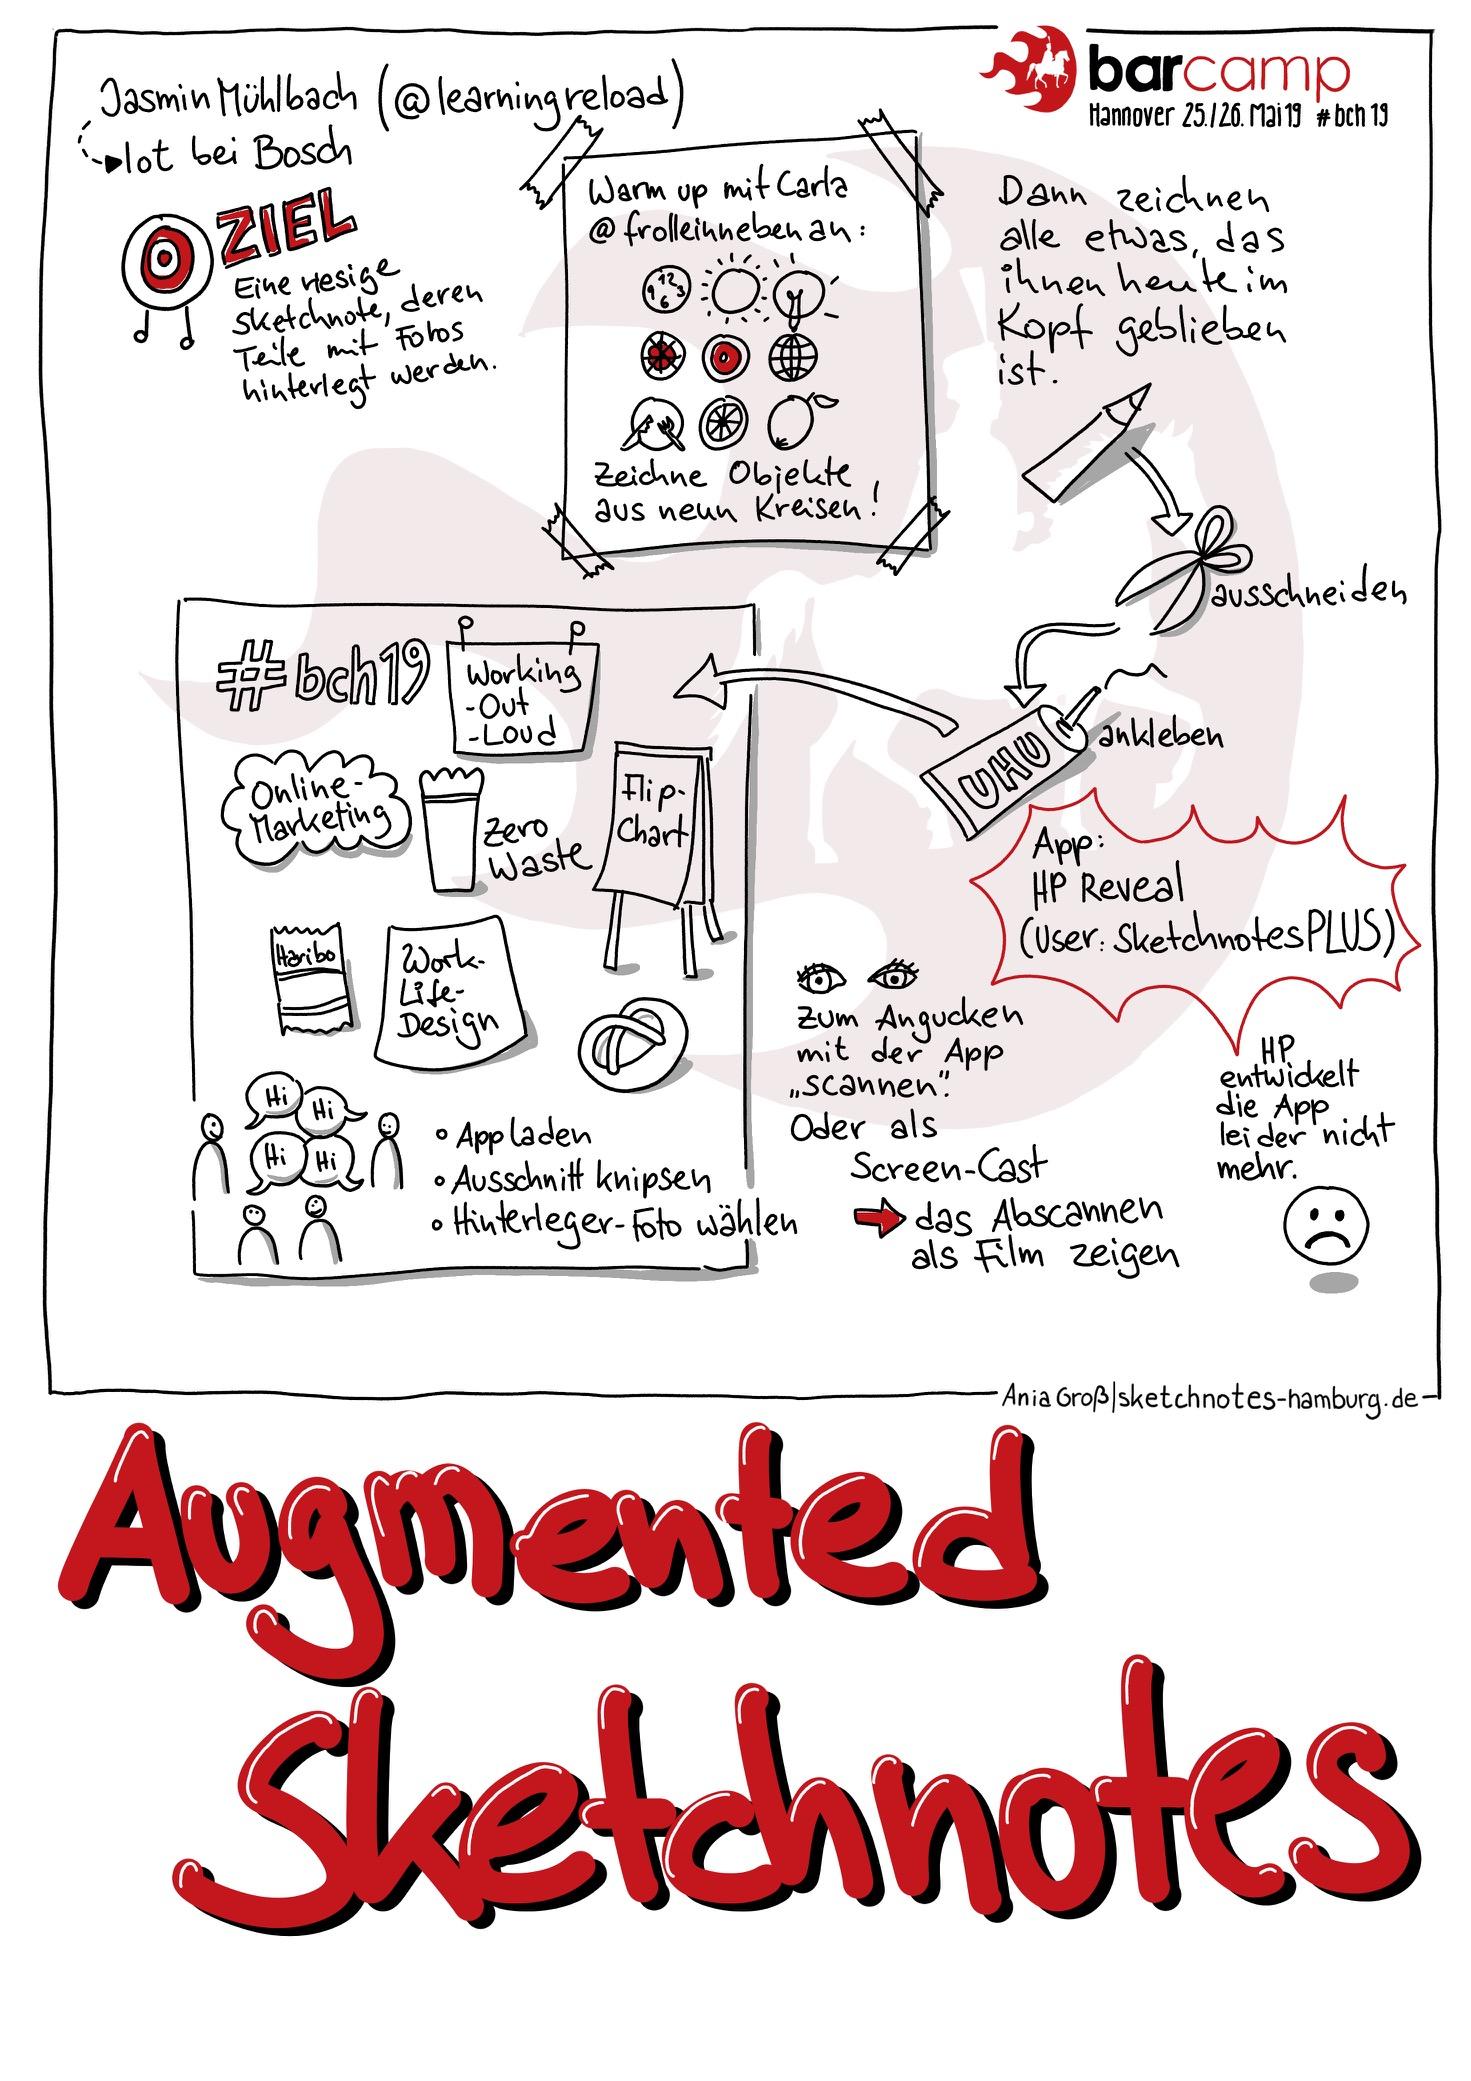 Mit einem riesigen Bogen Papier auf den wir kleine Zeichnungen klebten und der App HP Reveal haben wir ein Interaktives Bild geschaffen. Beim Scannen mit der App öffneten sich zusätzliche Inhalte. Sketchnotes: © Ania Groß